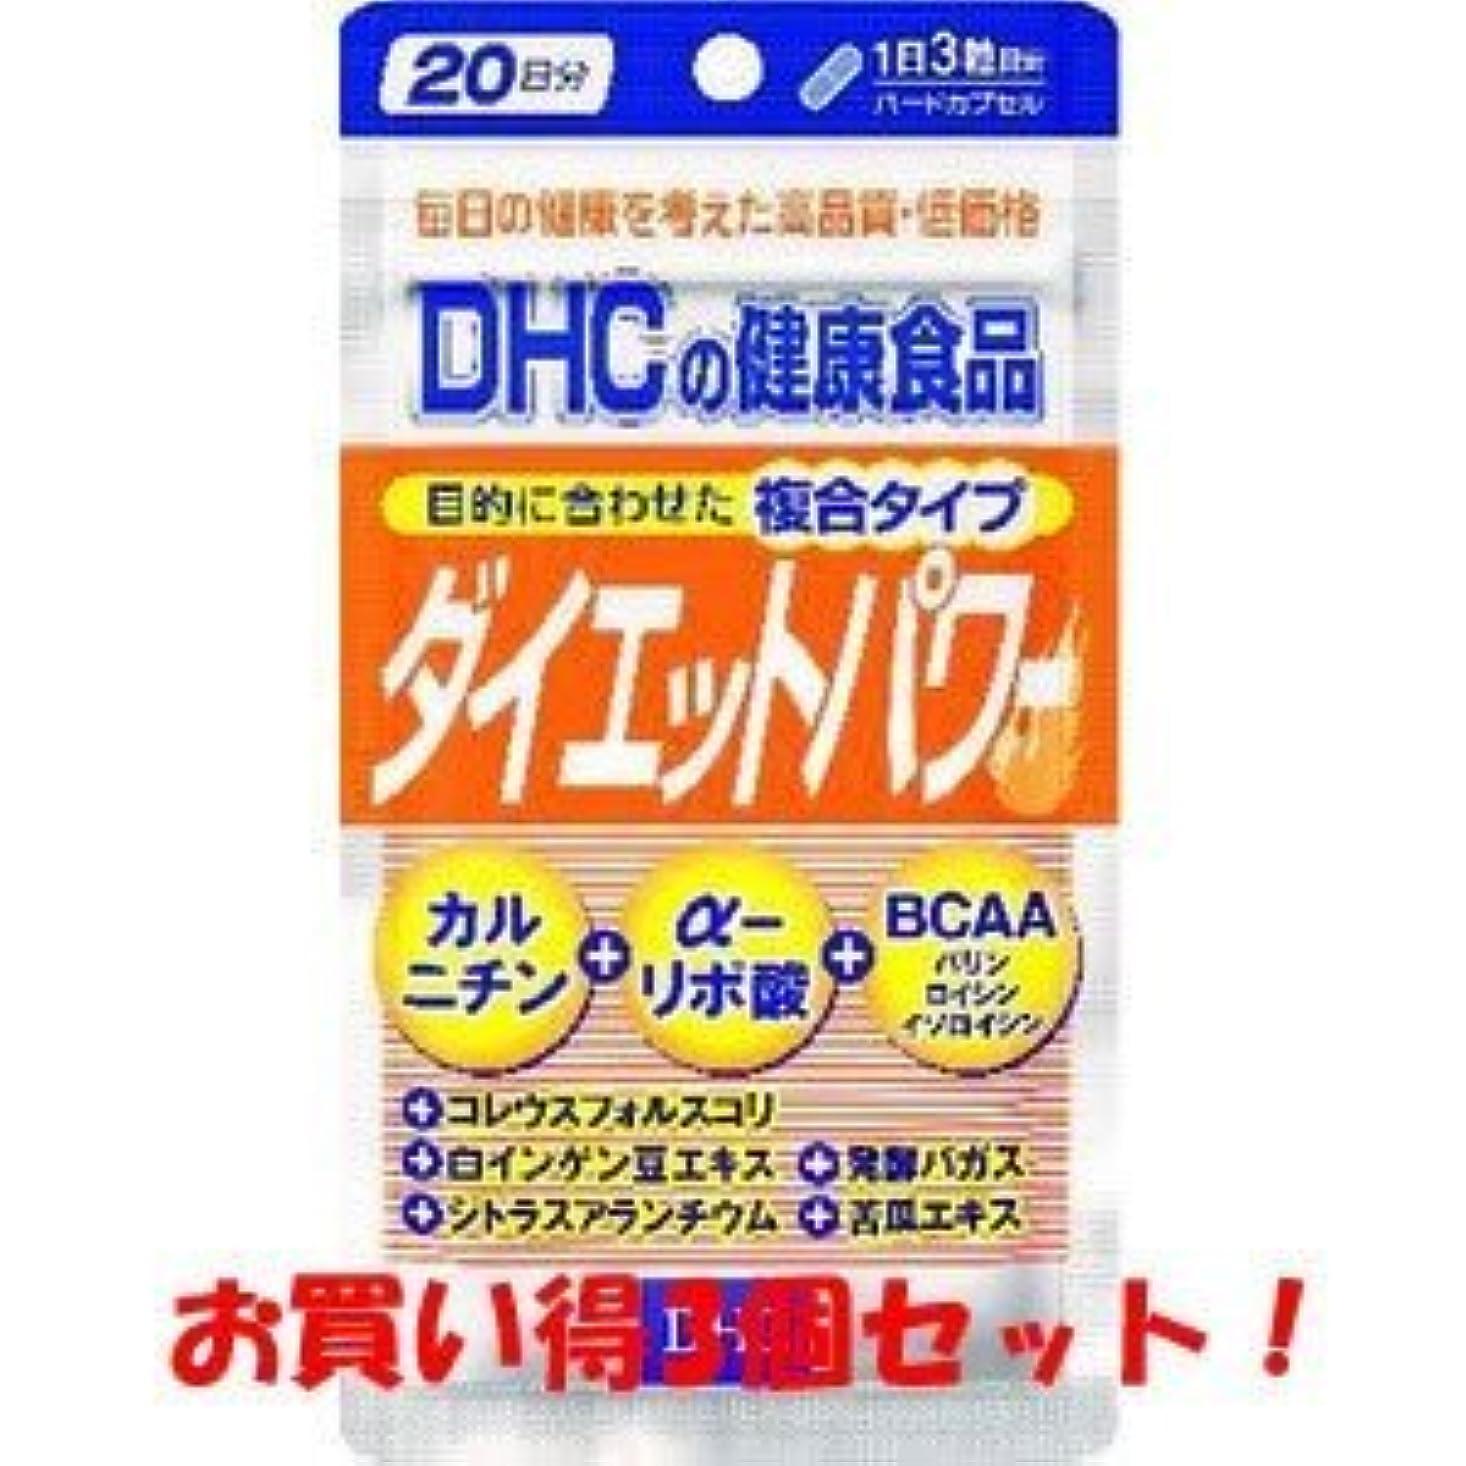 伝記トライアスリートスタックDHC ダイエットパワー20日分 60粒(お買い得3個セット)